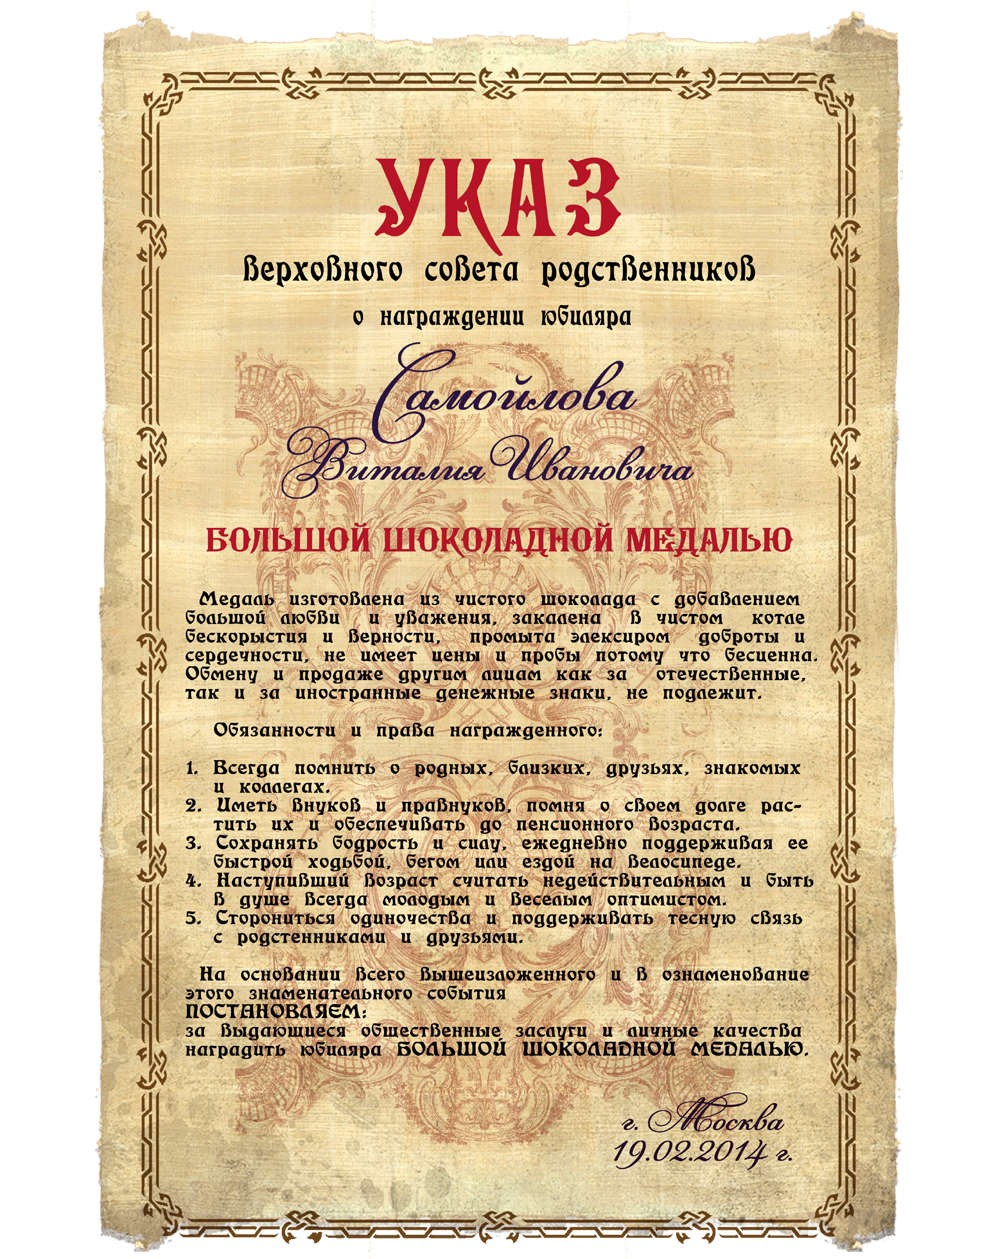 Свиток Указ-поздравление верховного совета родственников